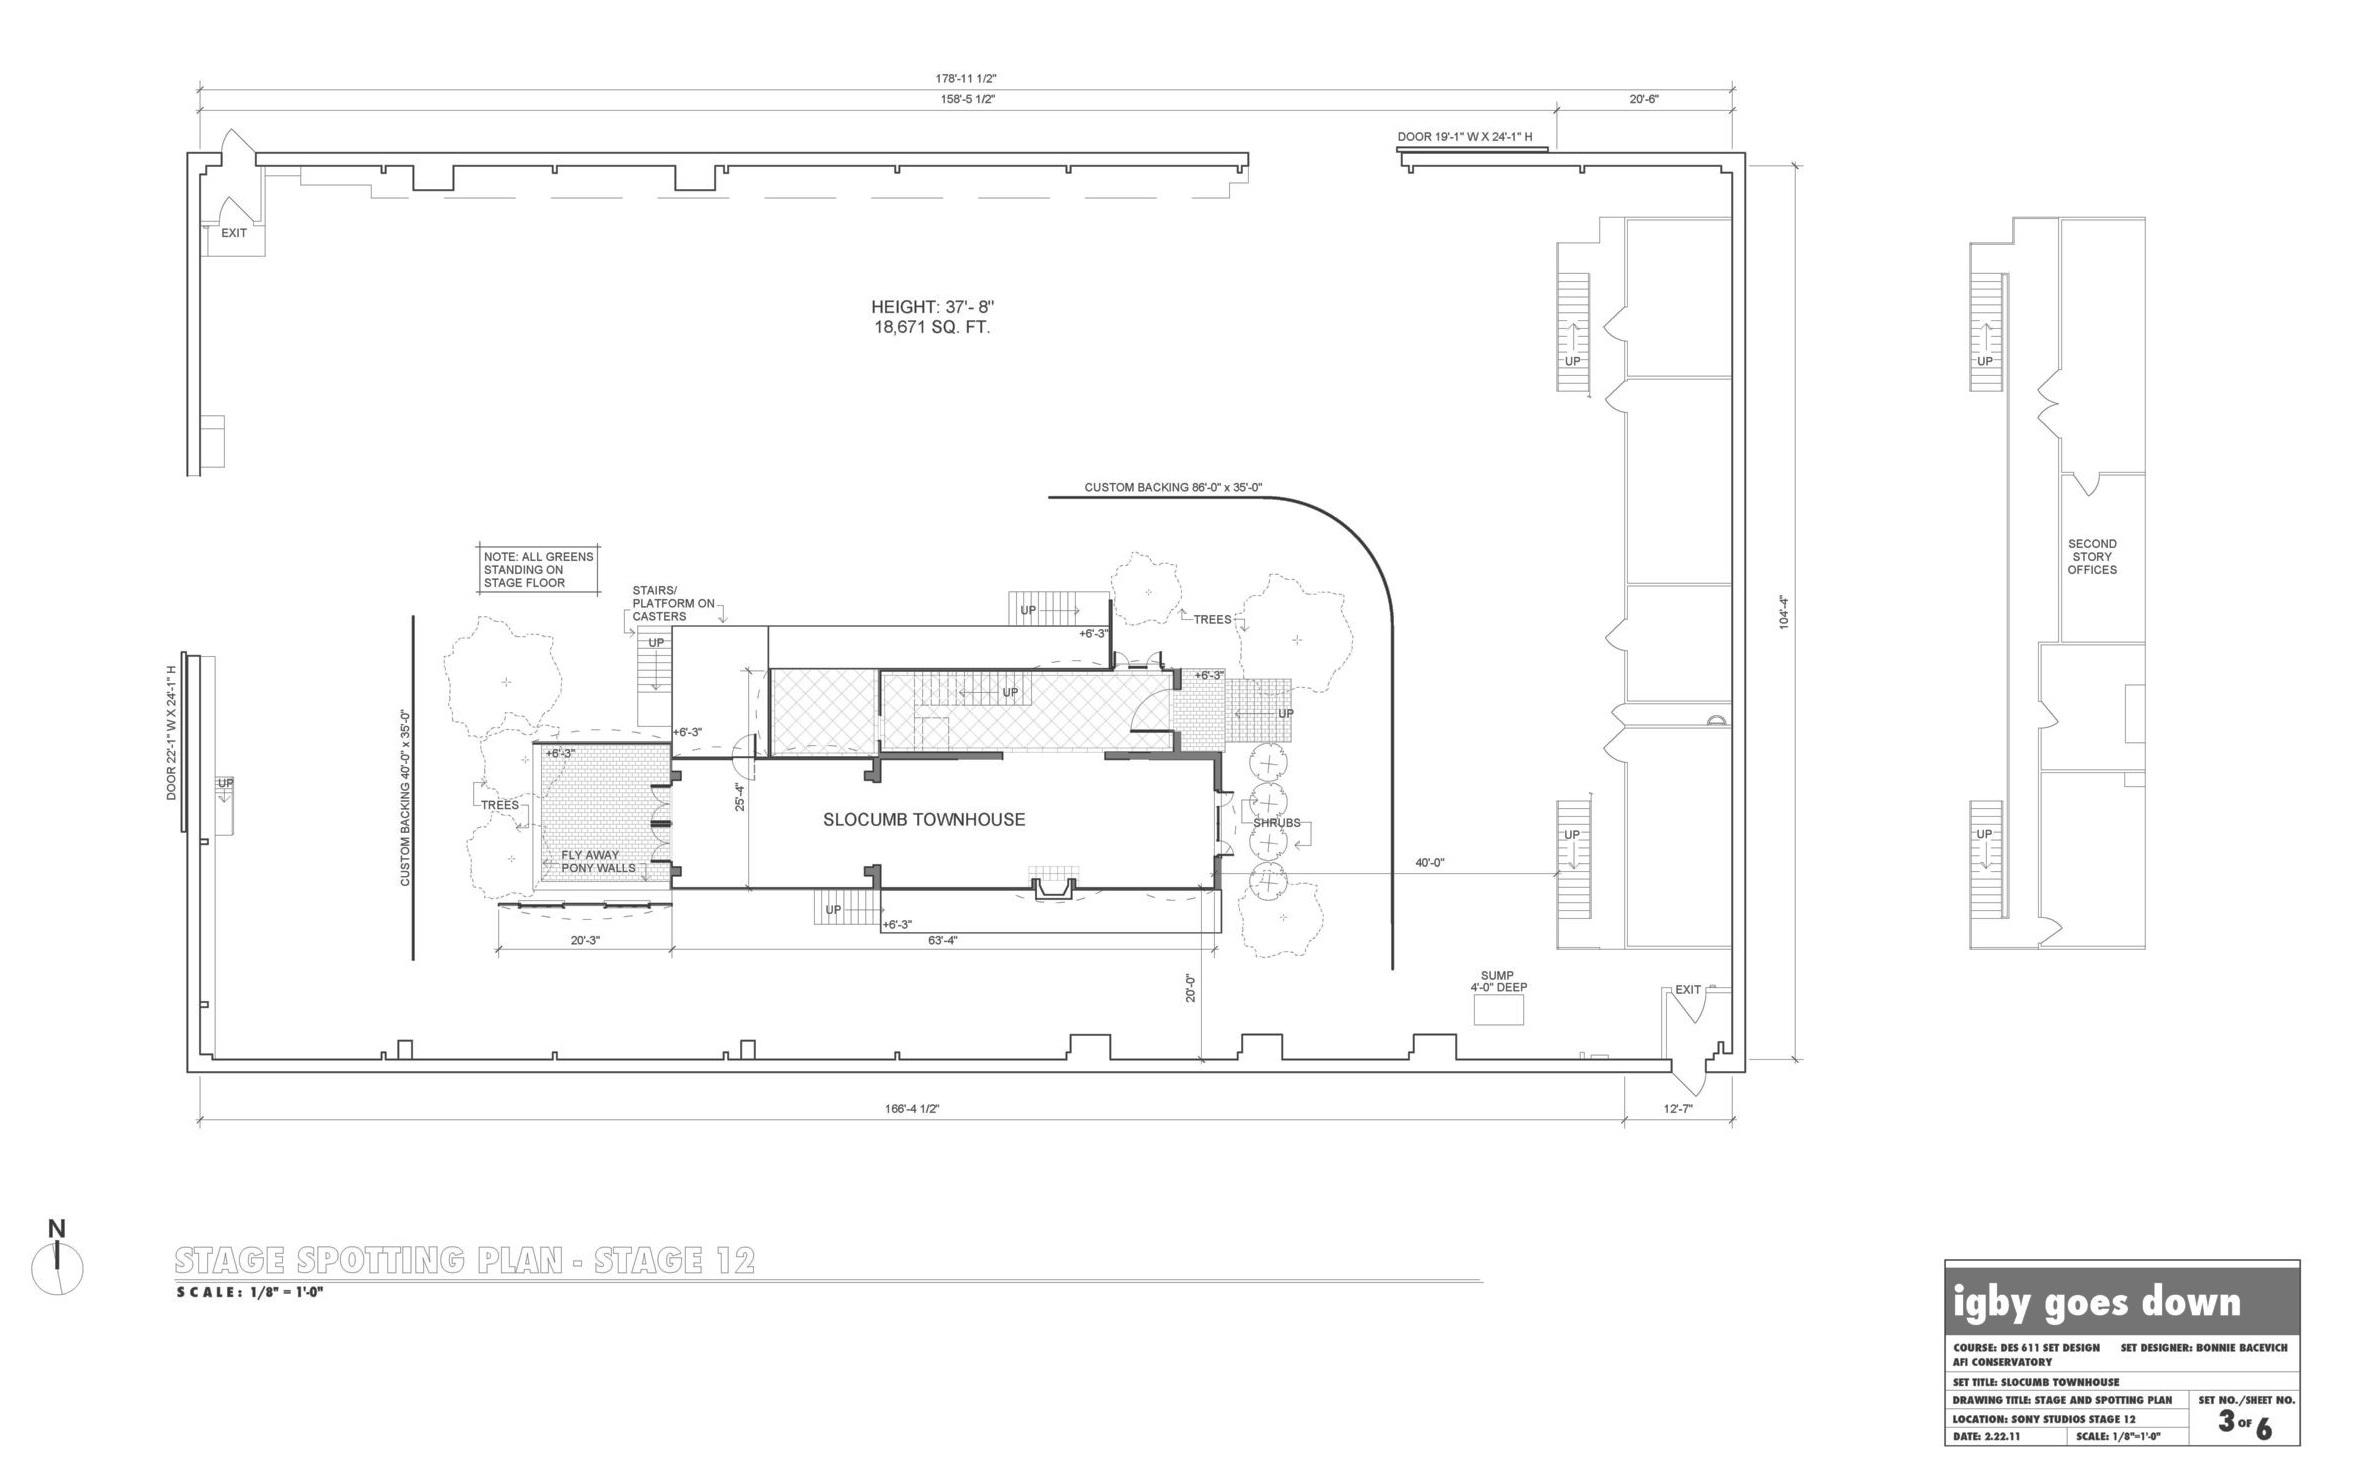 igby stage plan v2.jpg